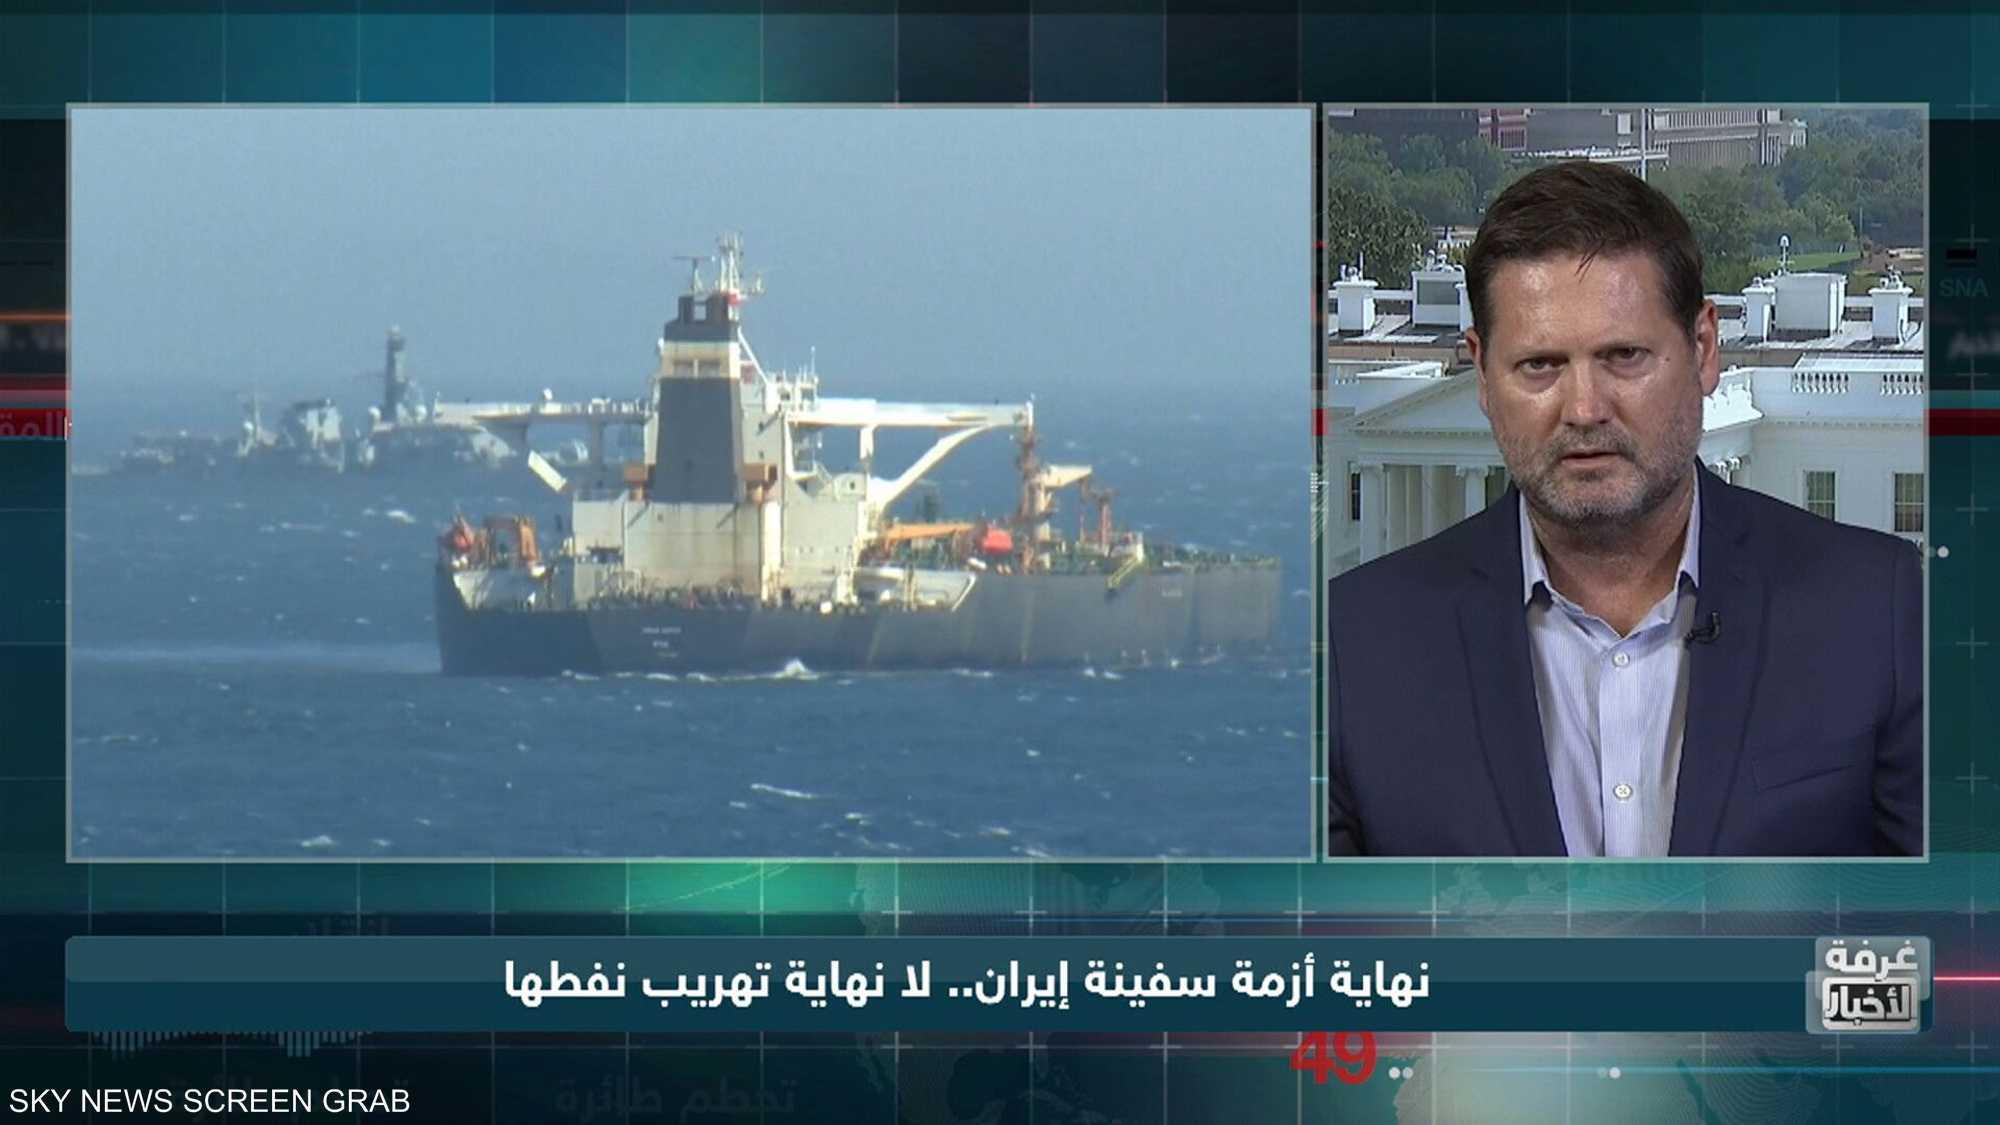 نهاية أزمة سفينة إيران.. لا نهاية تهريب نفطها